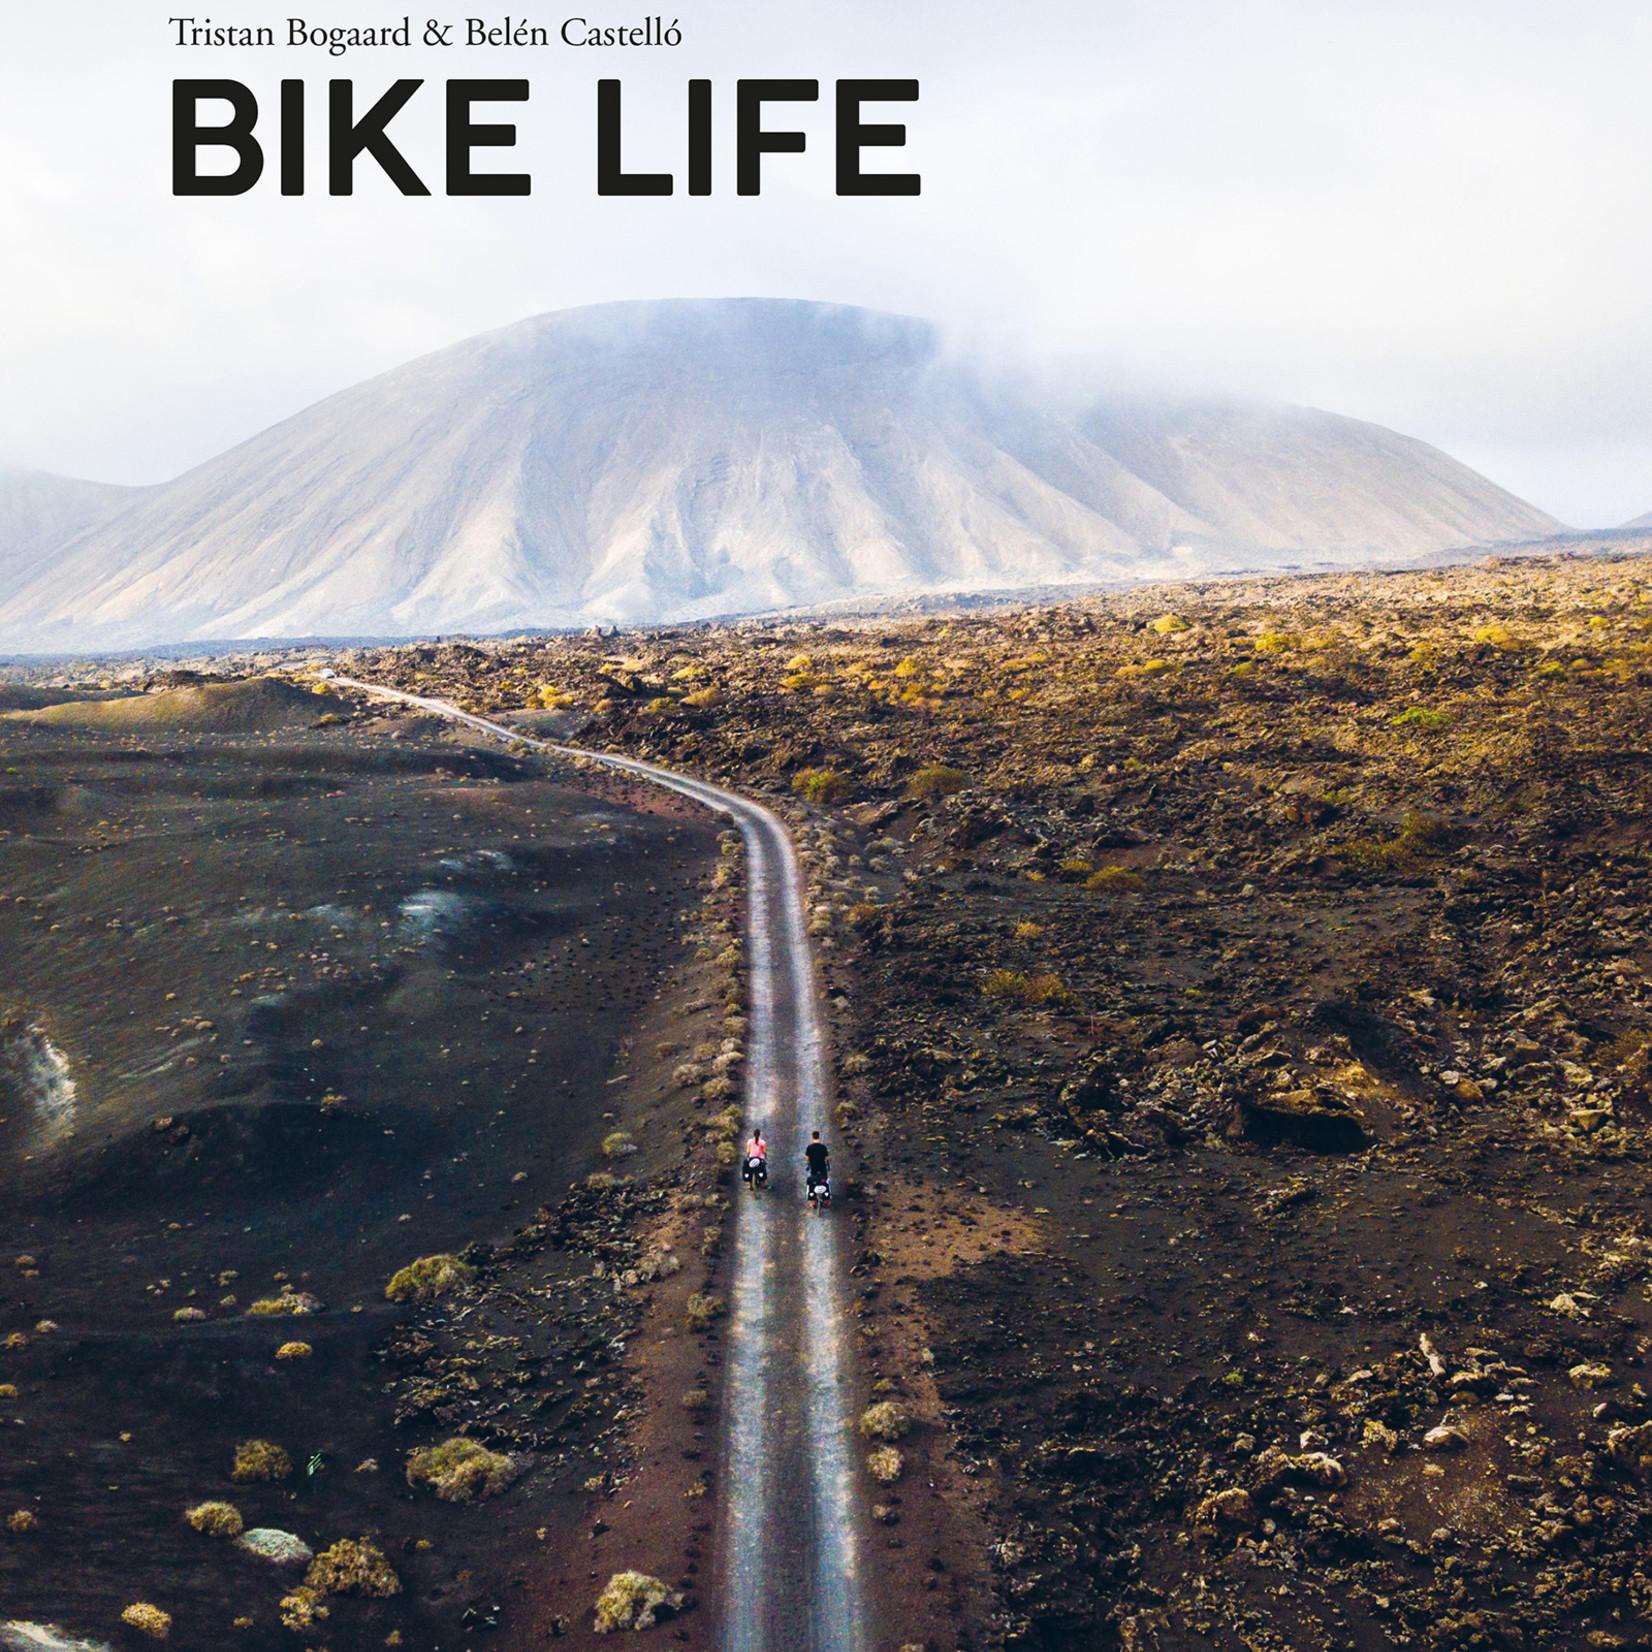 Bike life (ENG)